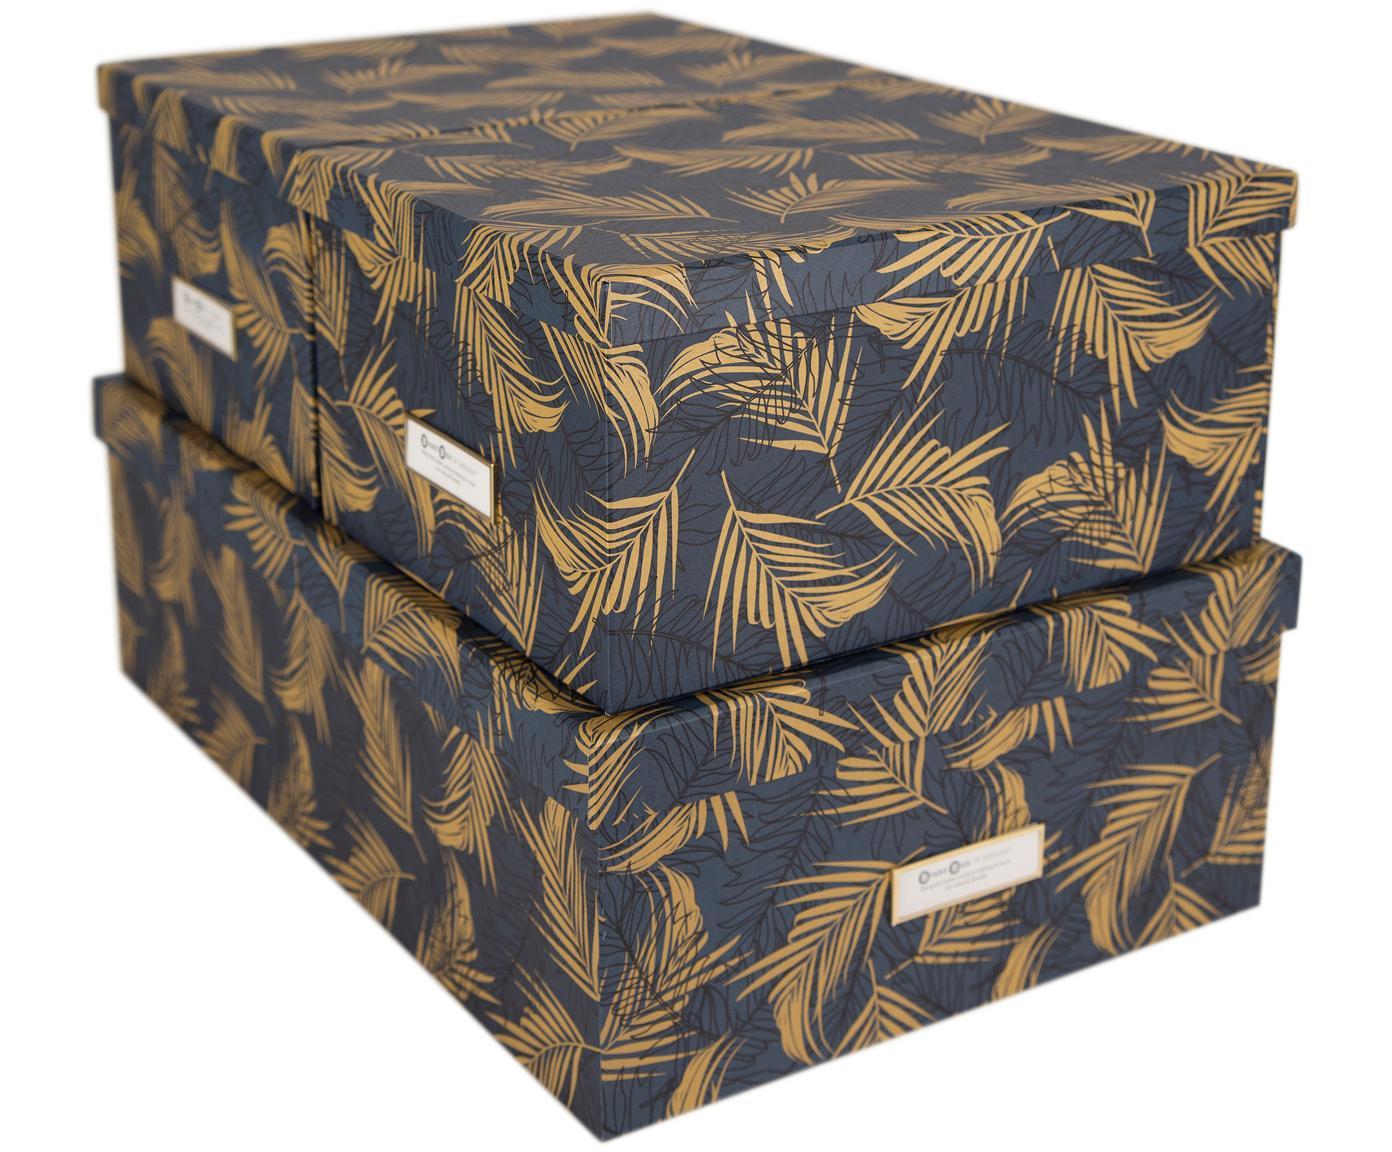 Komplet pudełek do przechowywania Inge, 3 elem., Odcienie złotego, szaroniebieski, Różne rozmiary